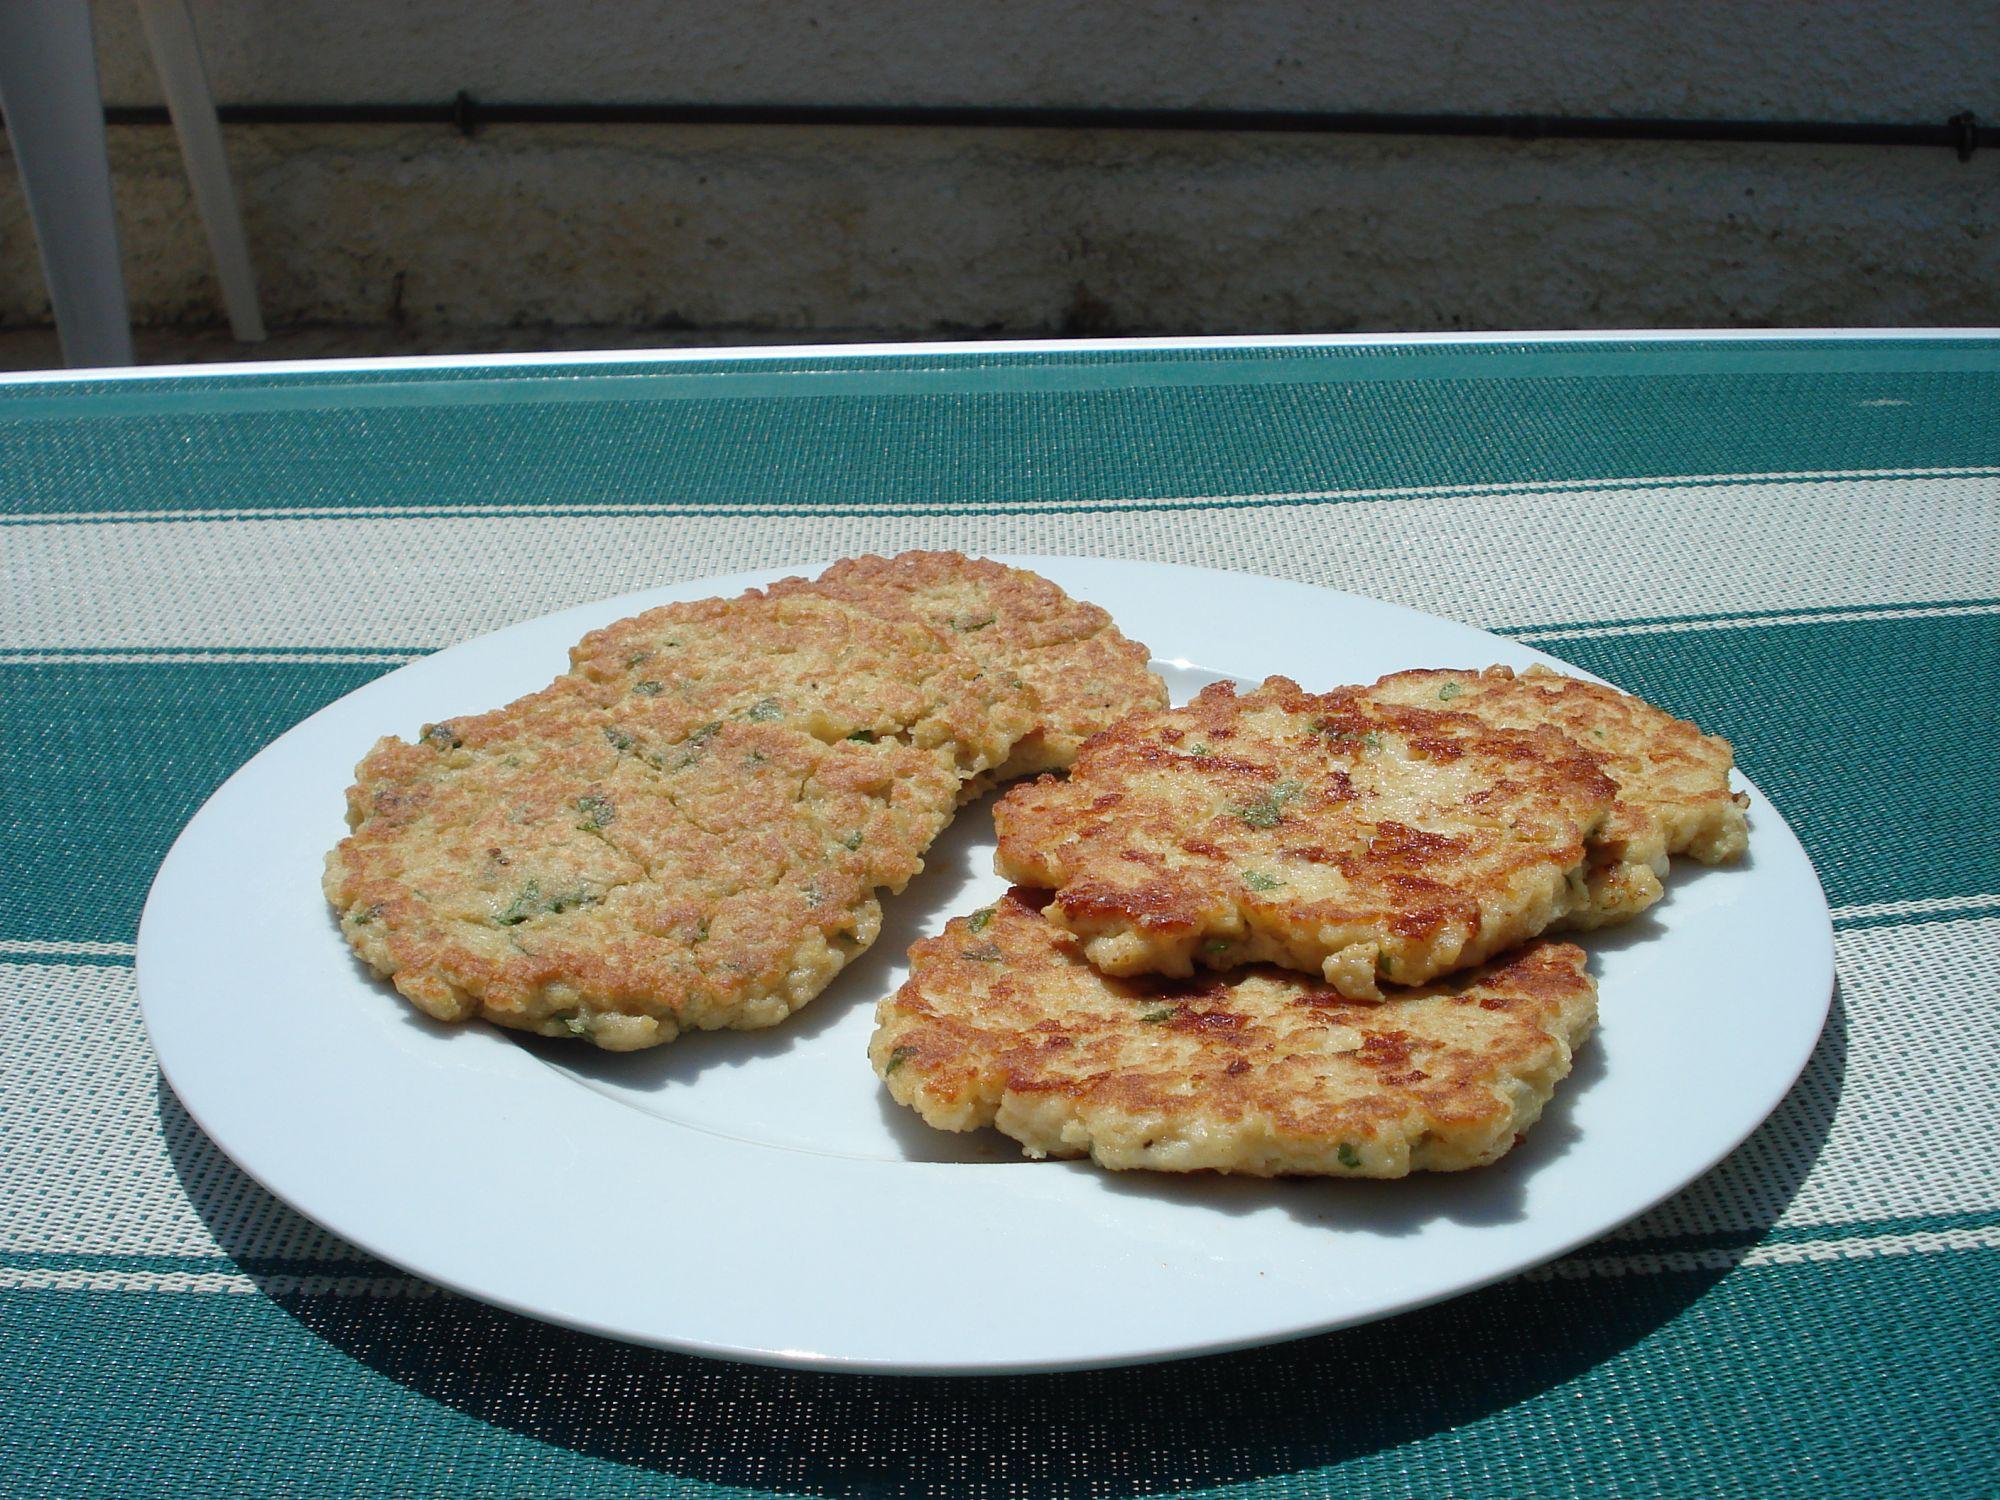 Dieta sin gluten ni lacteos para adelgazar